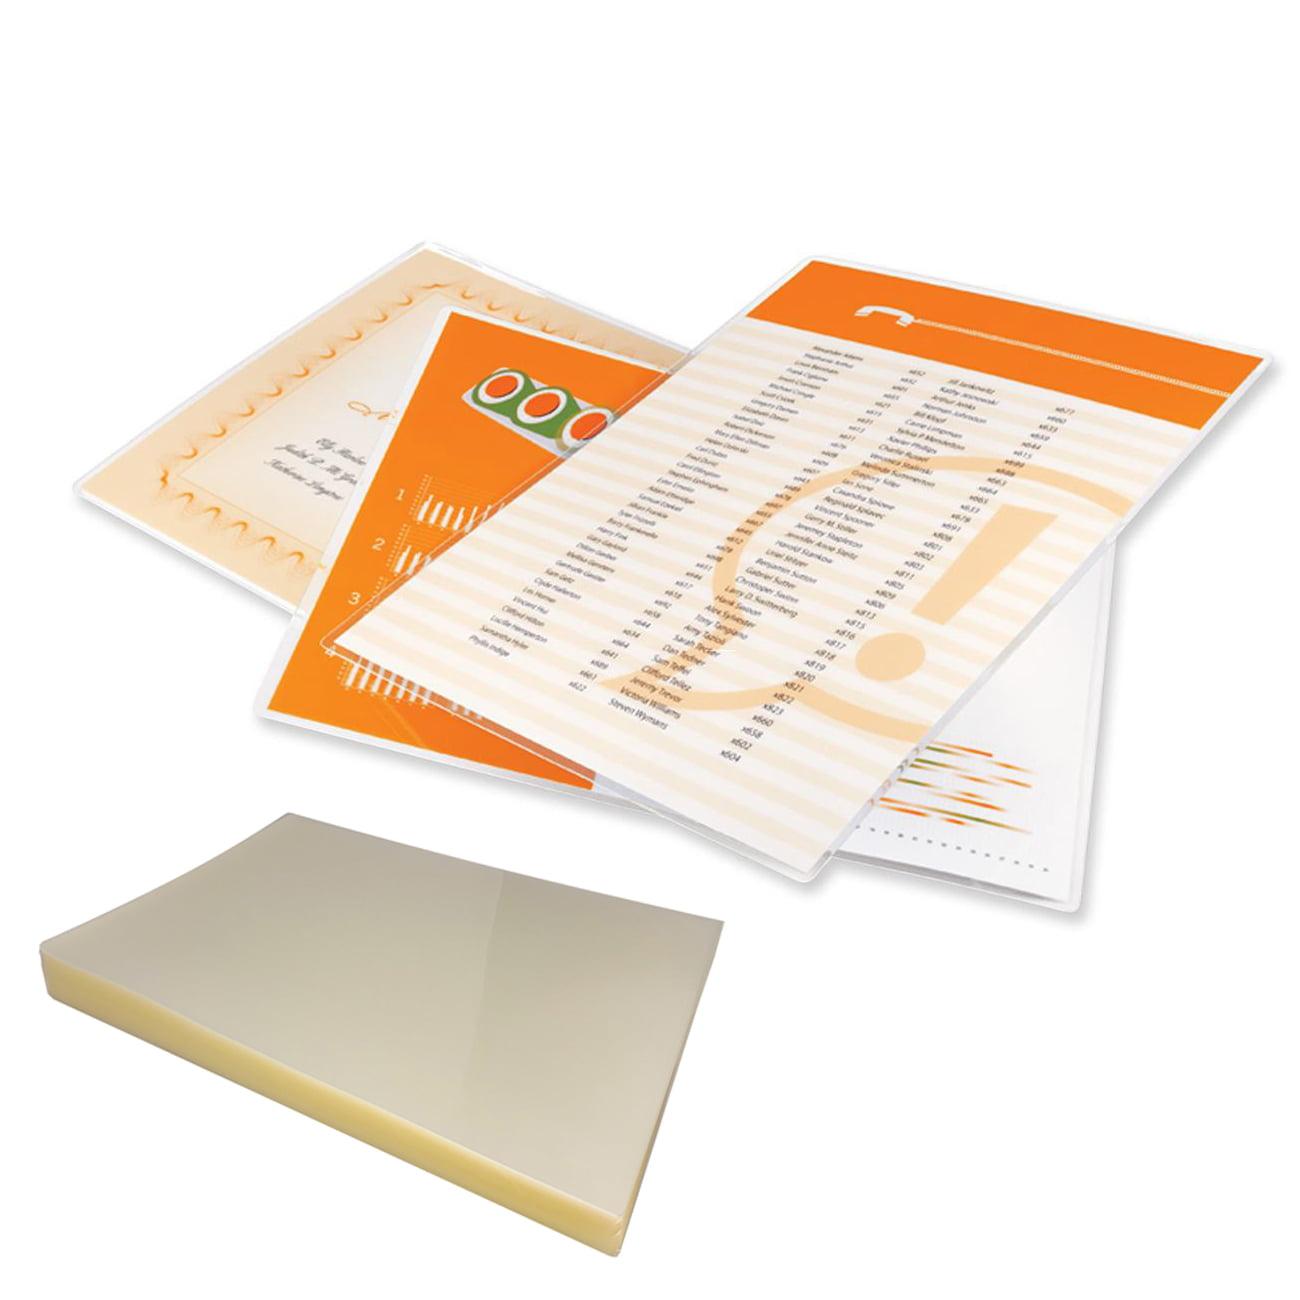 Plastico Para Plastificação de Certificado Catalago Certidão Documento Oficio 226X340 espessura 005 C/100